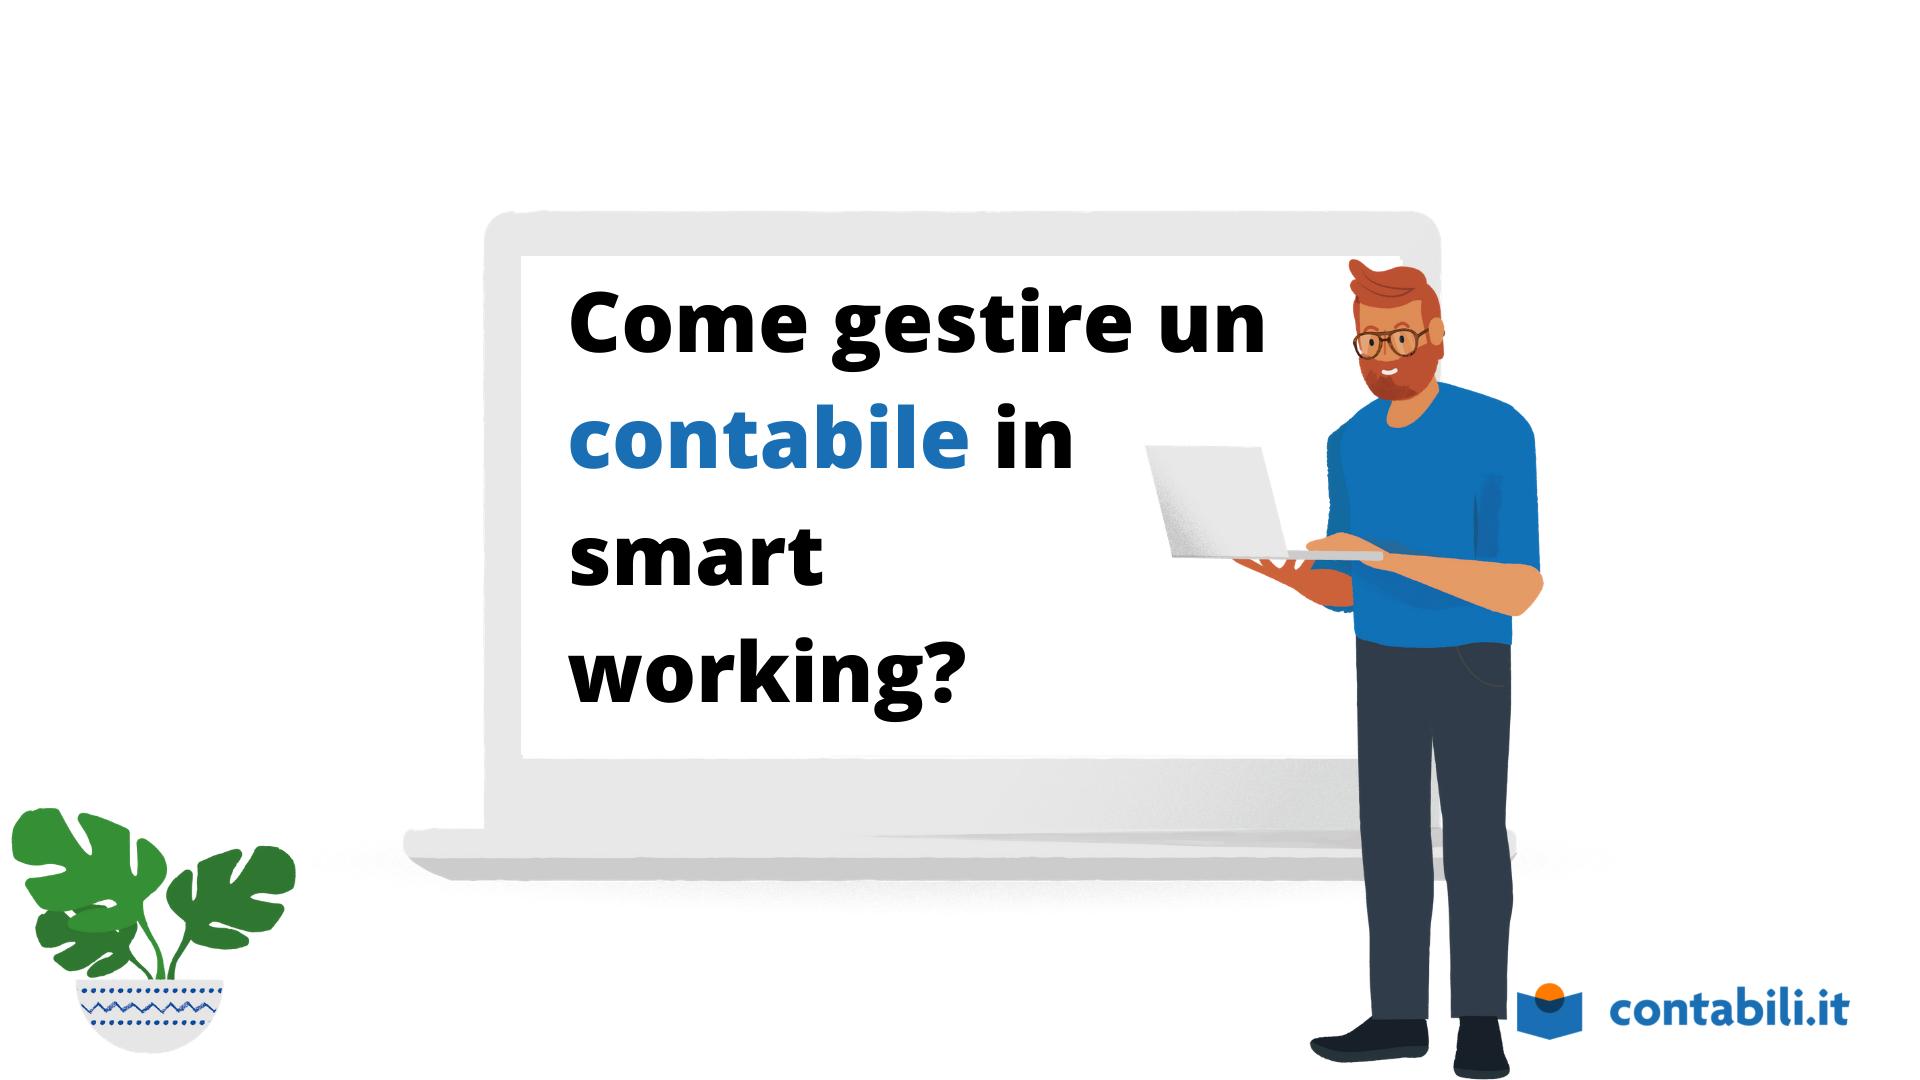 Come gestire un contabile in smart working